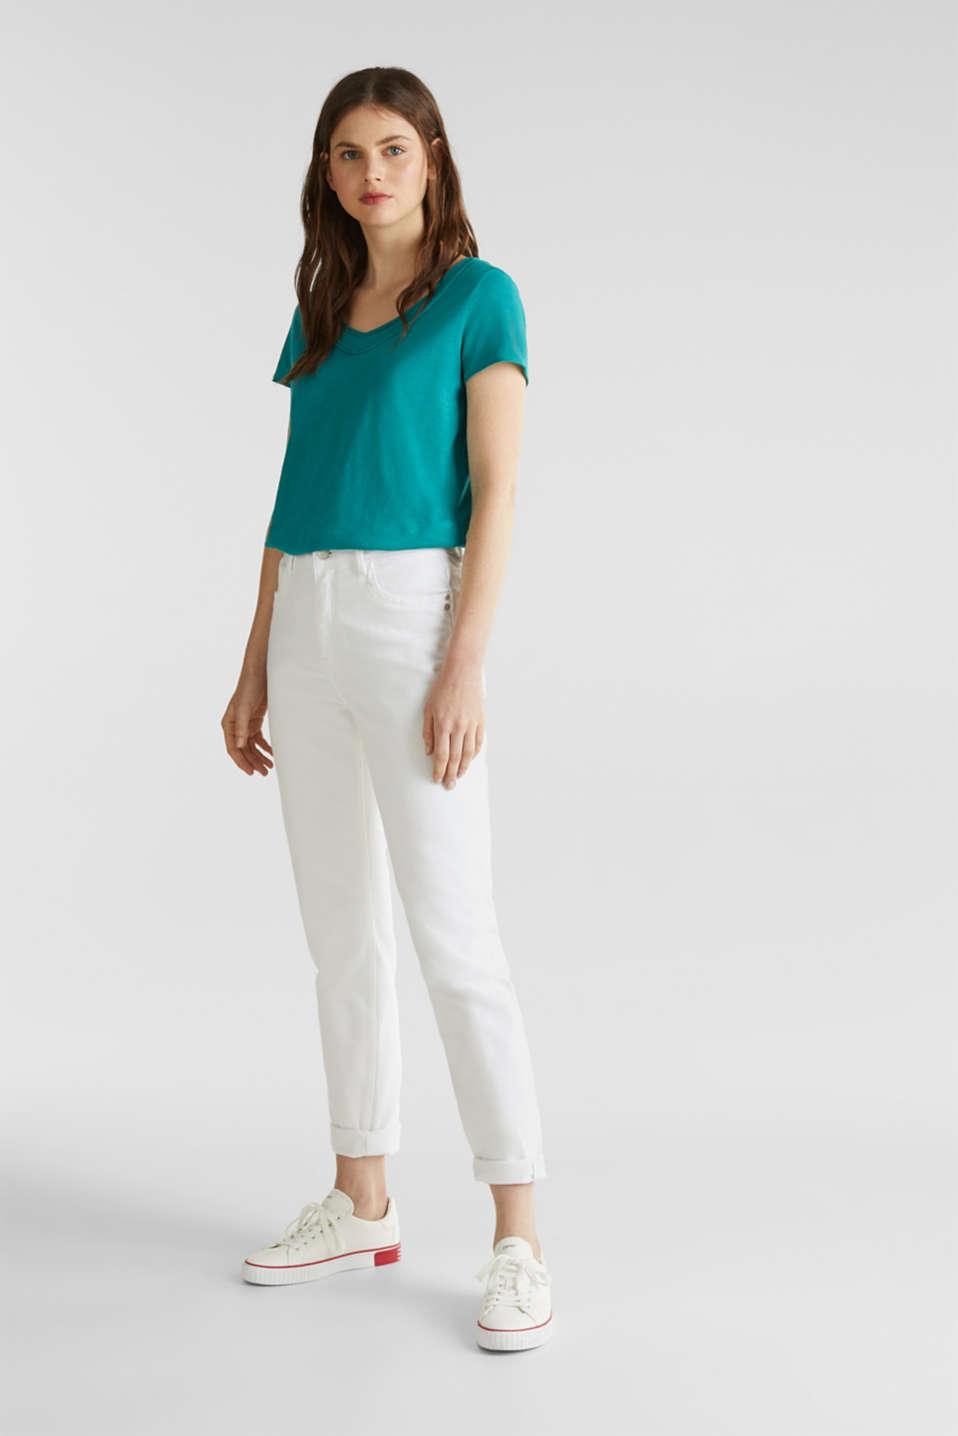 Slub jersey T-shirt in 100% organic cotton, TEAL GREEN 4, detail image number 1